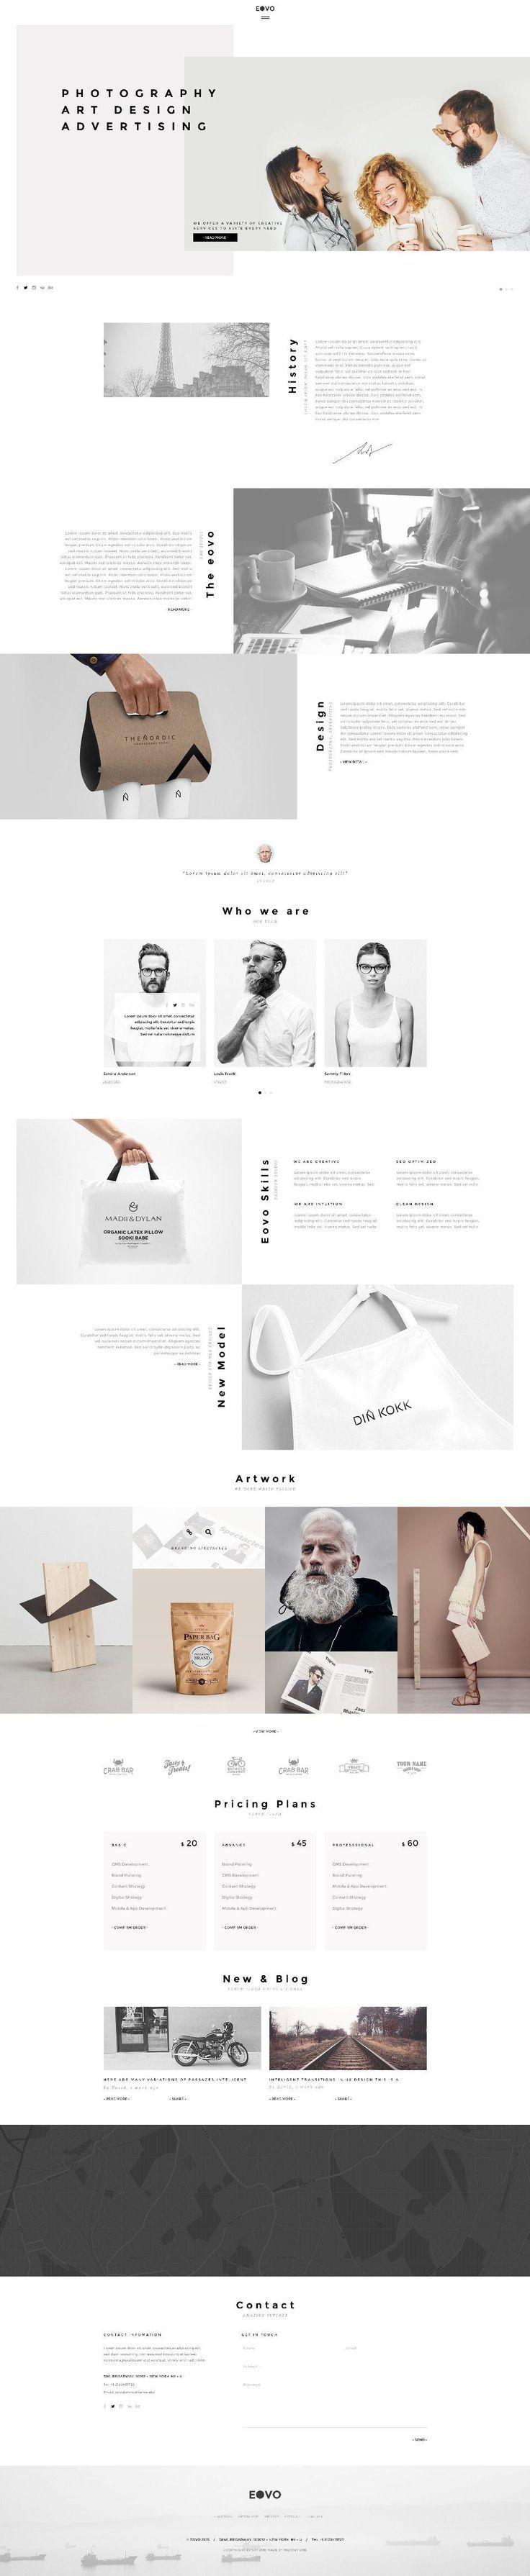 Eovo Web Design Inspiration More